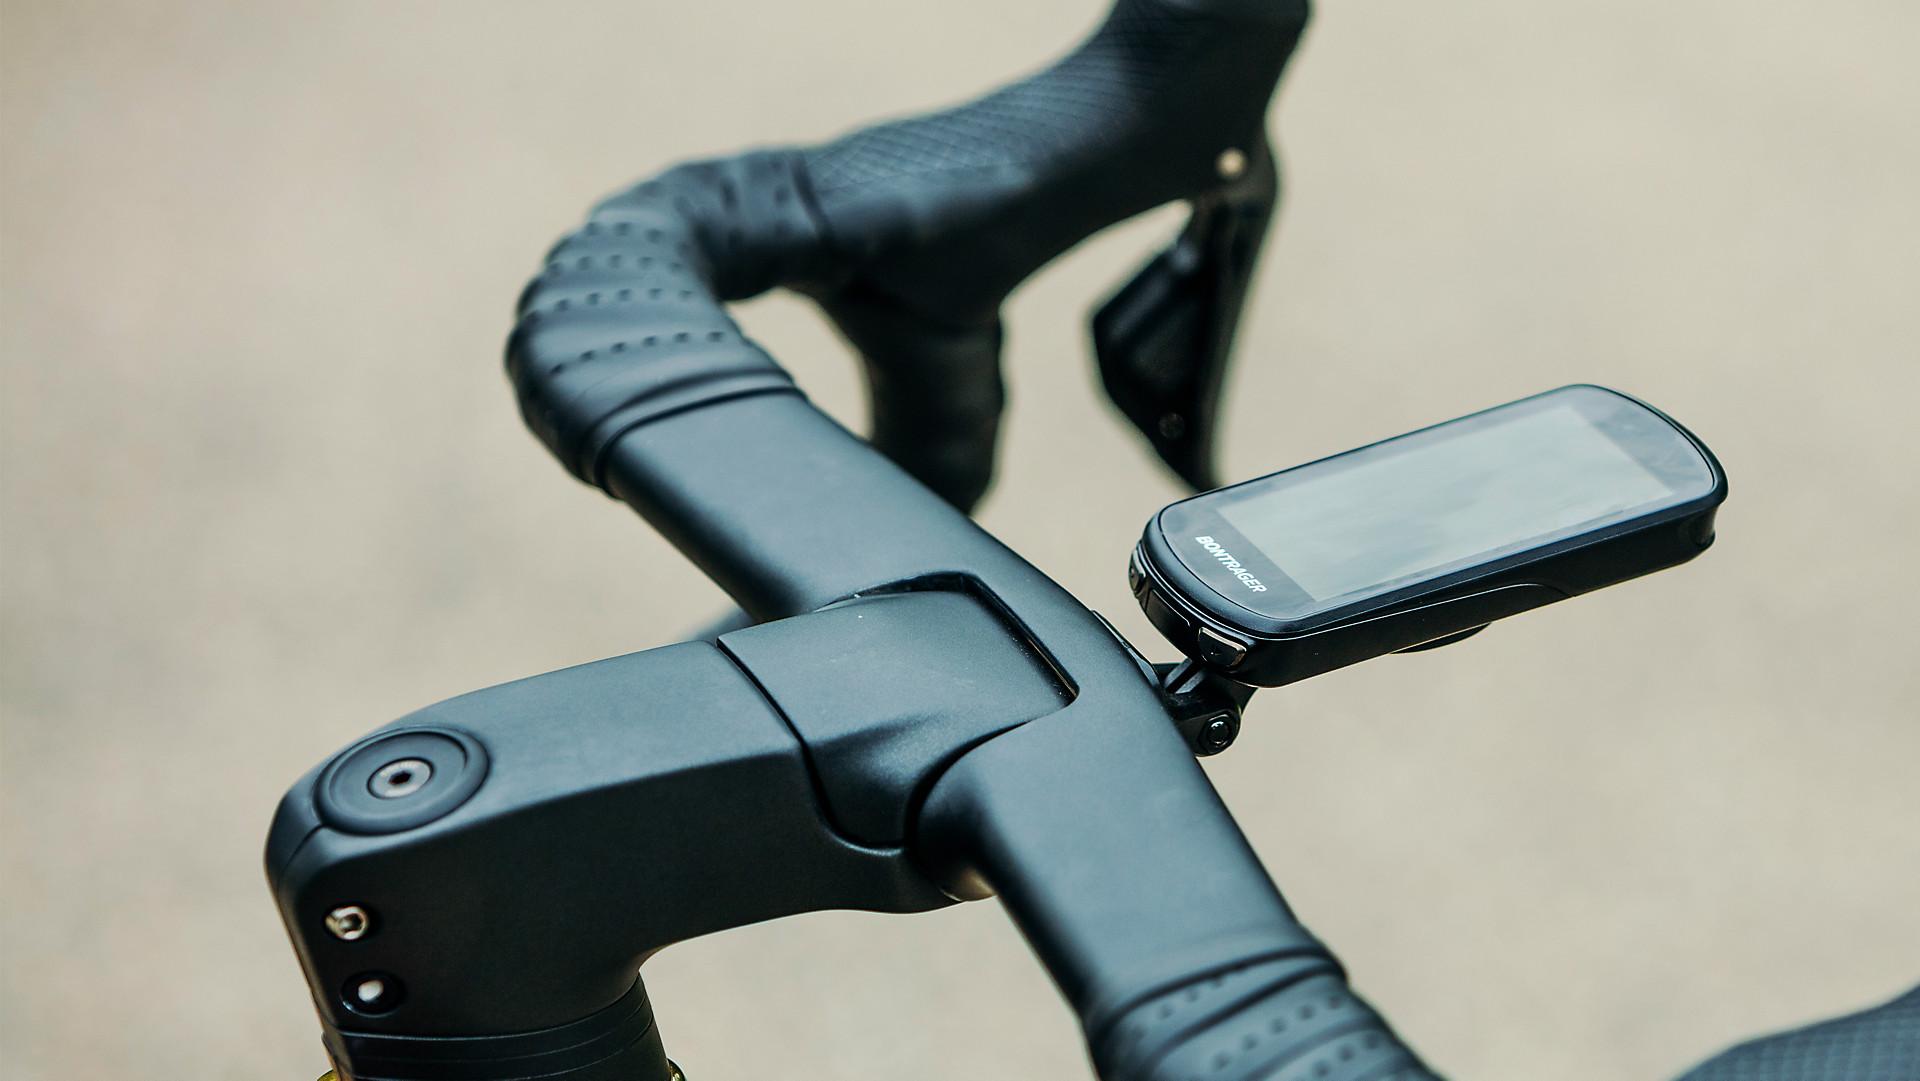 GPS per bici: caratteristiche e prezzi | 2020 | OptiMagazine